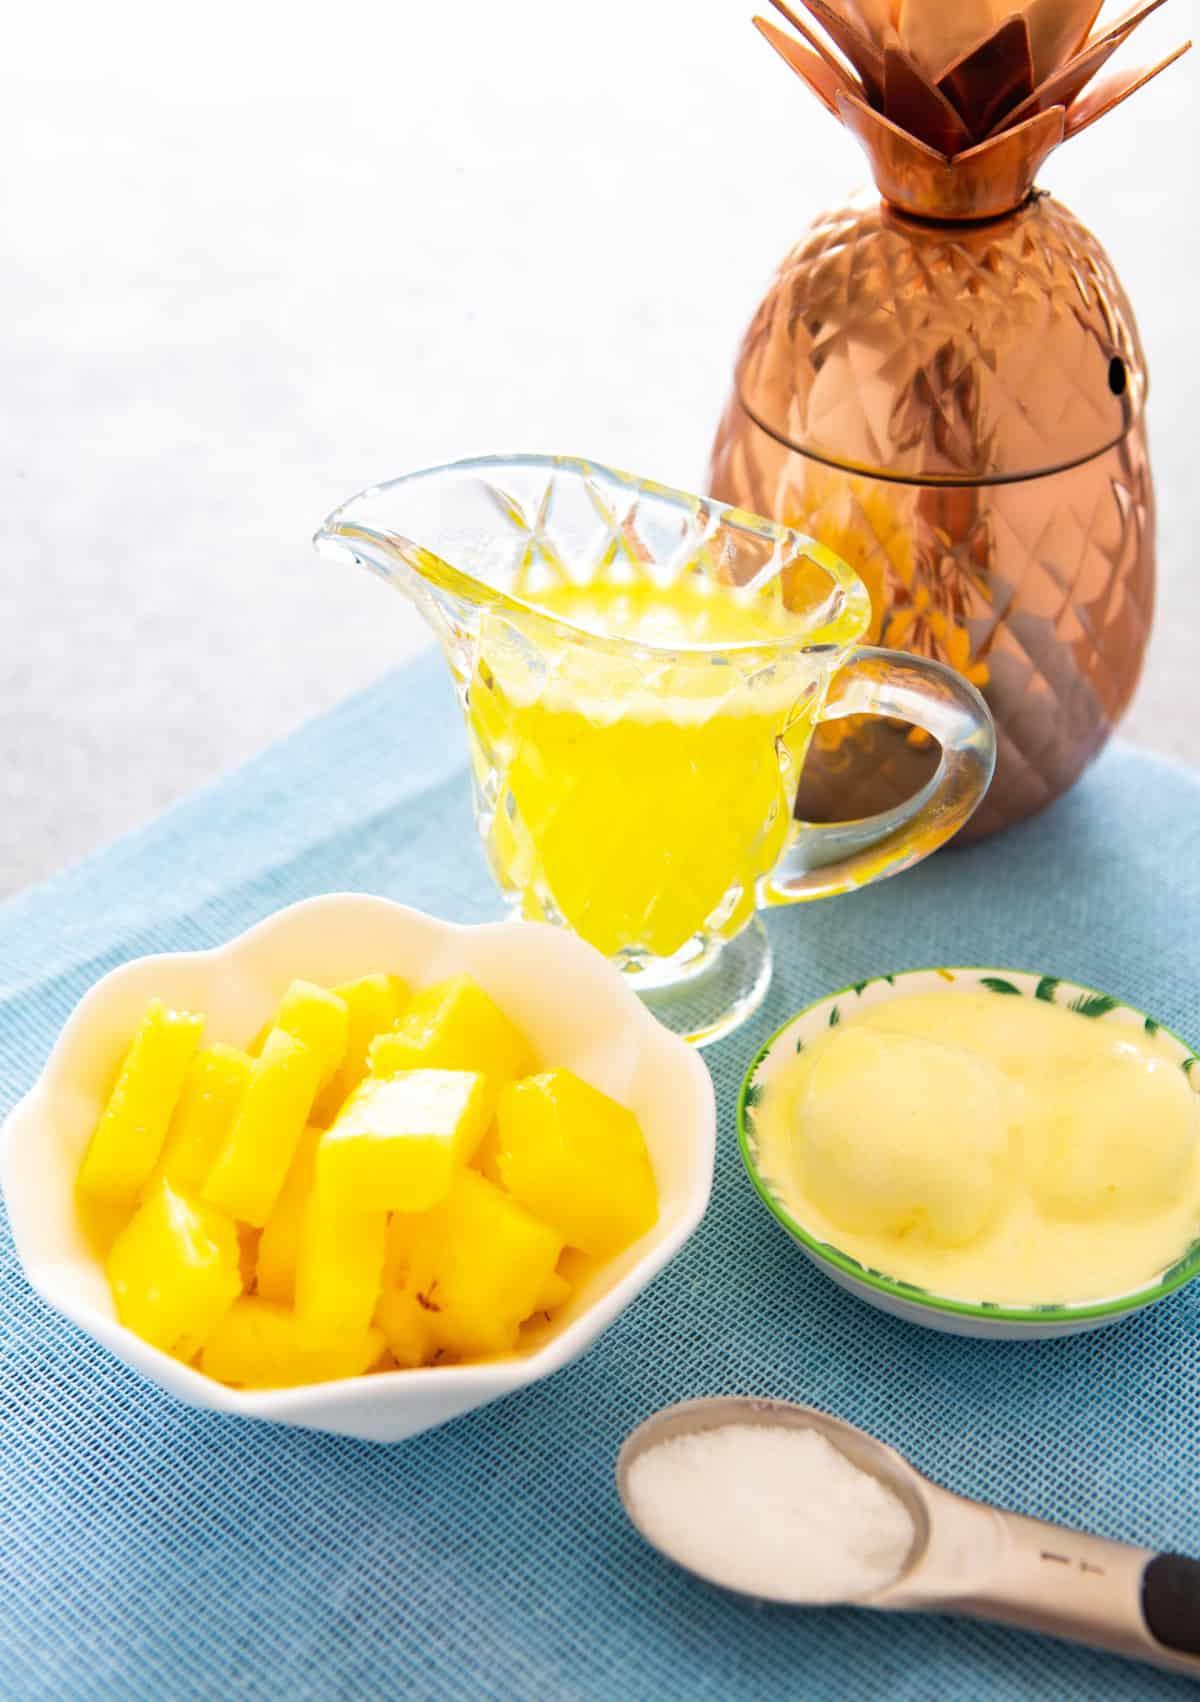 Ananas congelat într-un castron, suc într-un ulcior și înghețată de vanilie, toate așezate pe o masă.